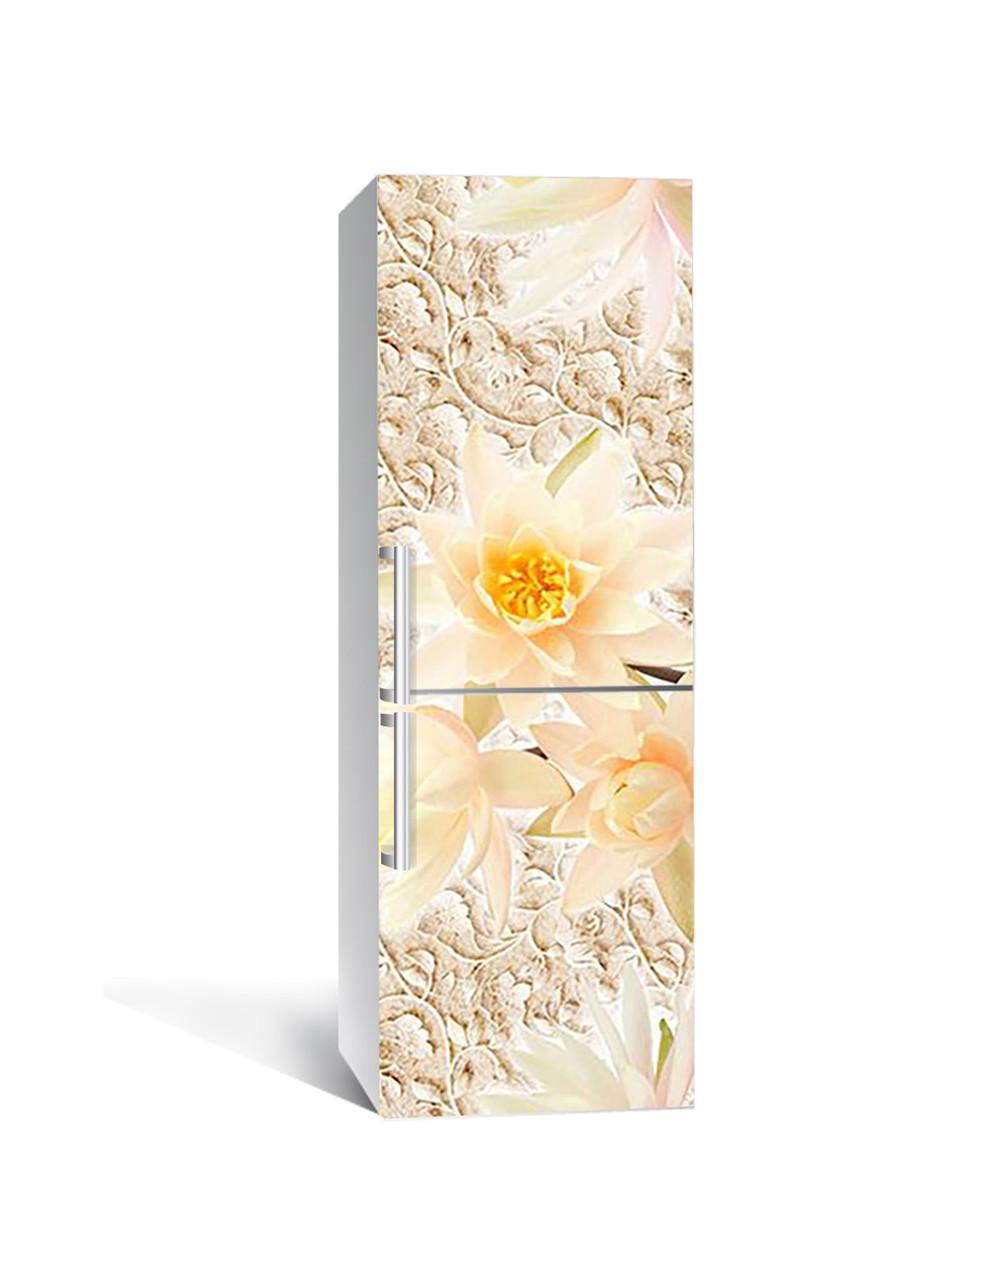 Вінілова наклейка на холодильник 3Д Кремовий лотос Ліпнина (плівка ПВХ) 65*200см Абстракція Бежевий